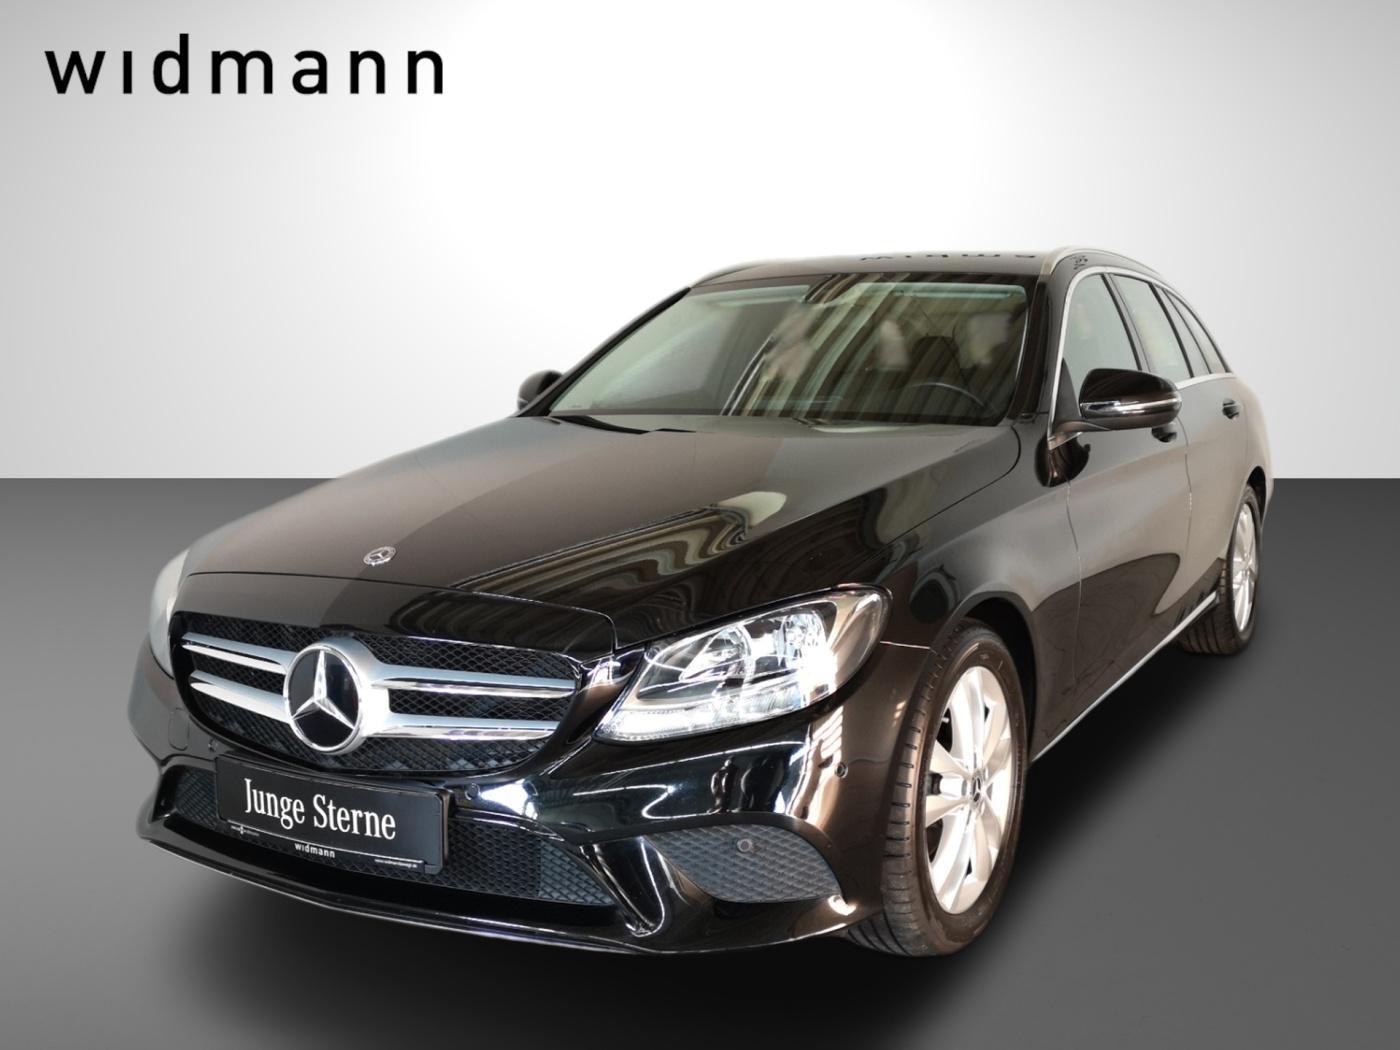 Mercedes-Benz C 180 d T Avantgarde*Kamera*Navigation*PDC*SHZG*, Jahr 2019, Diesel